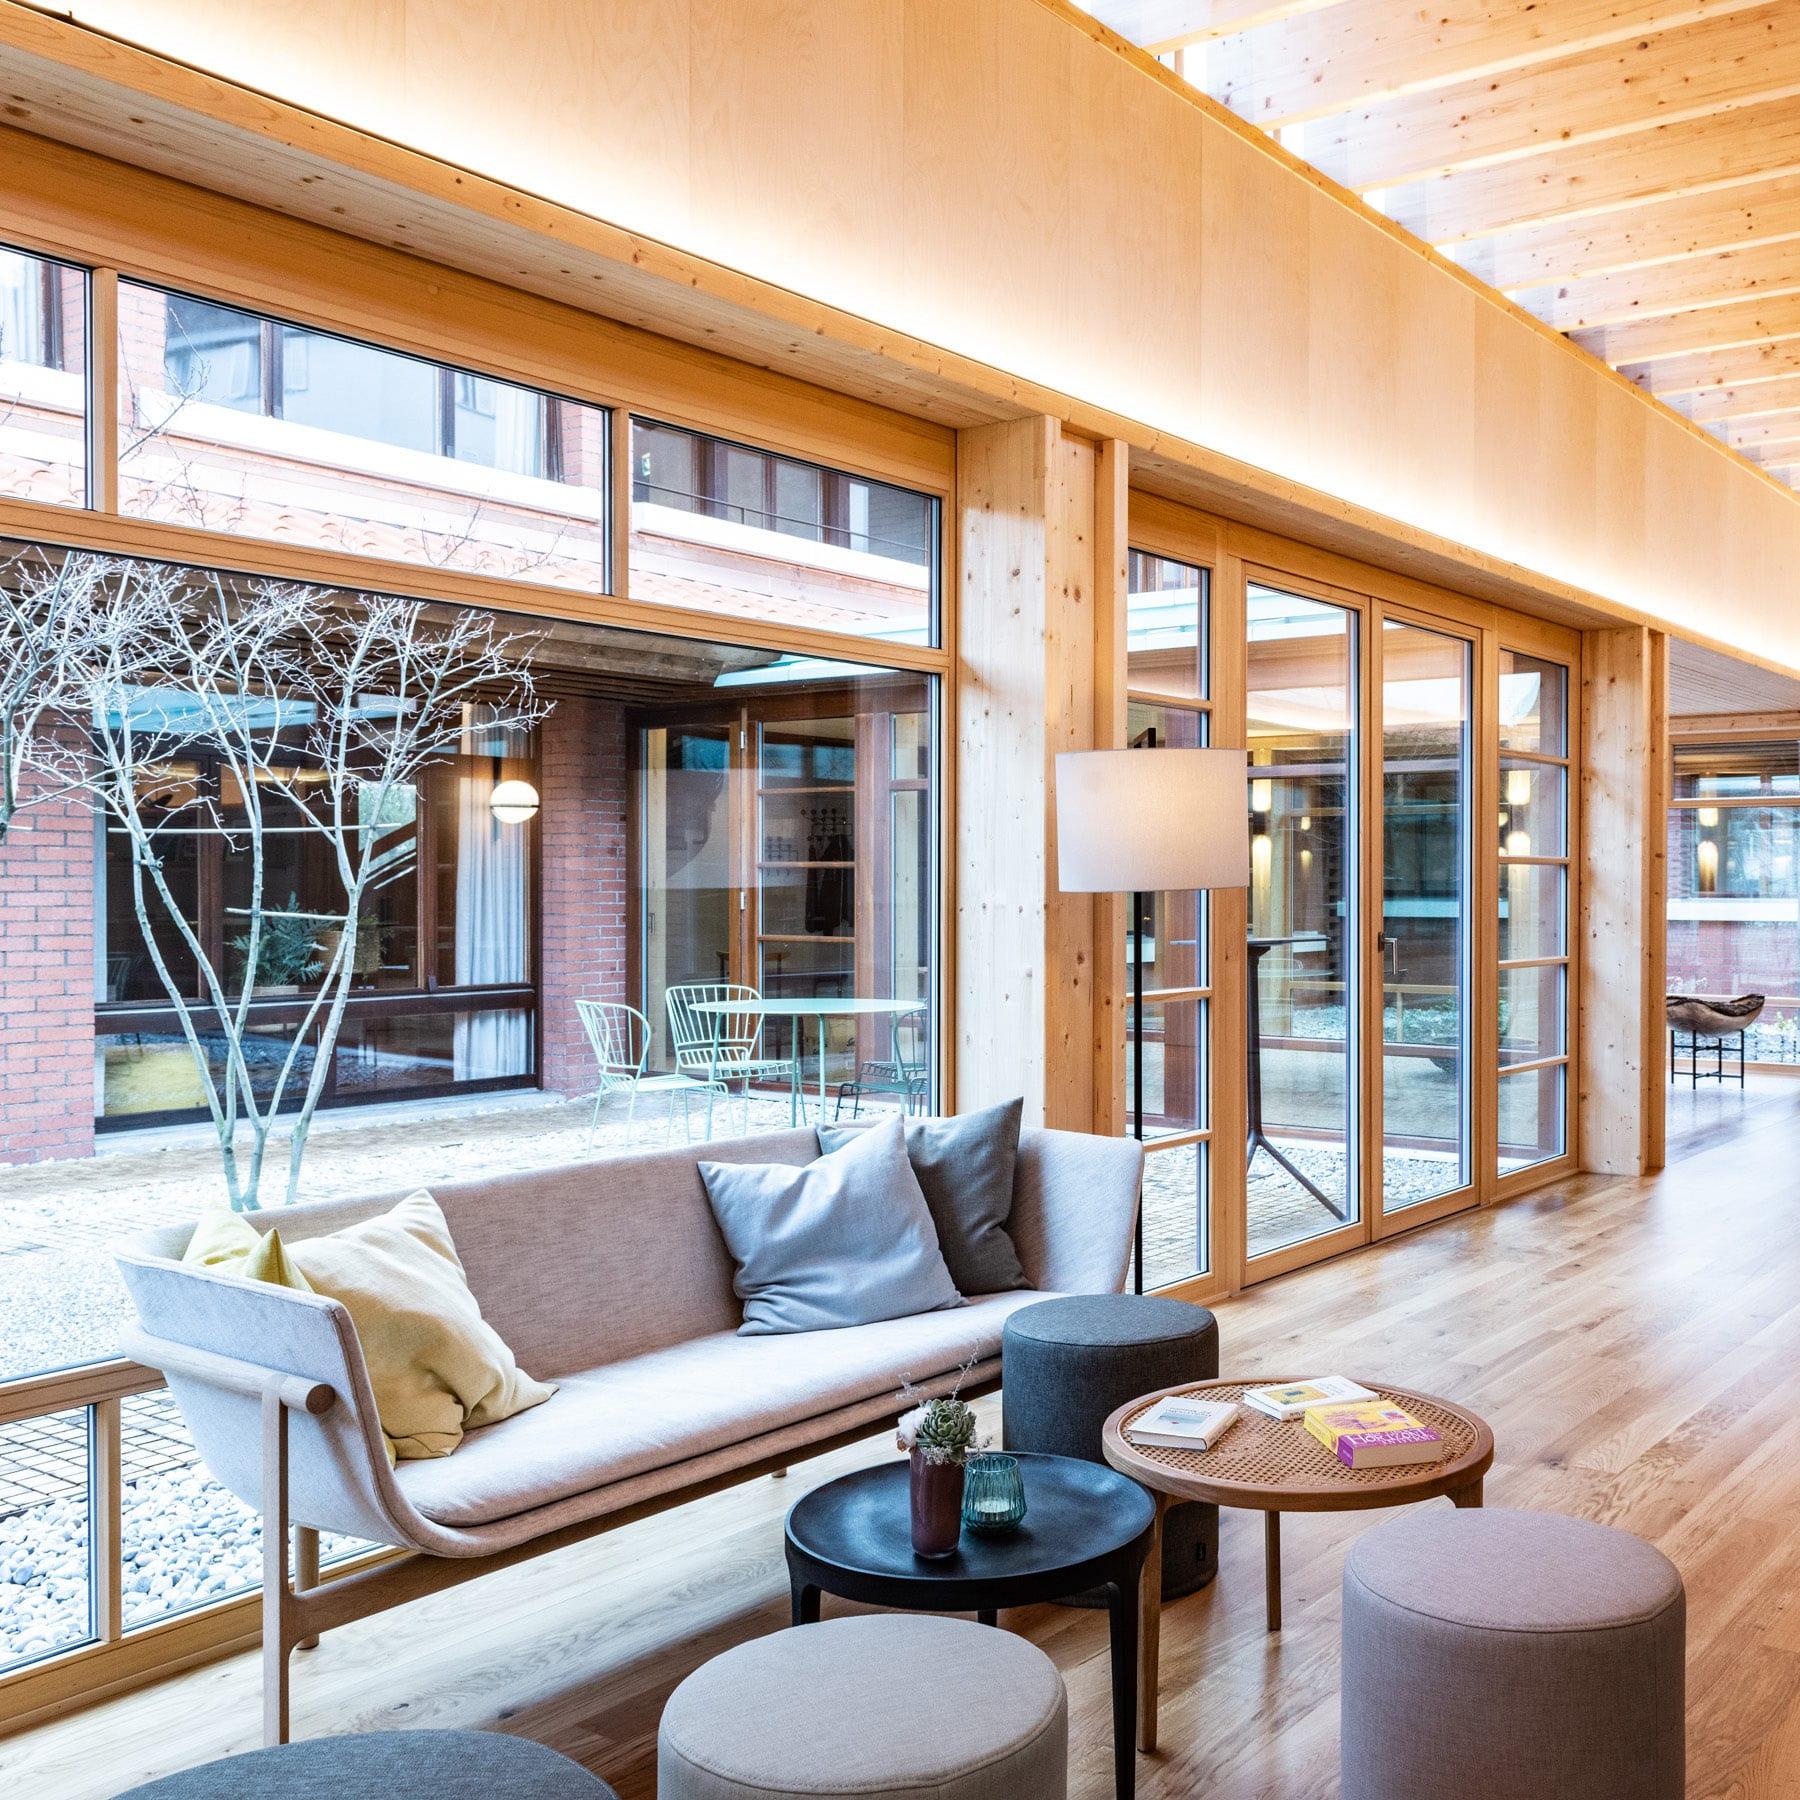 Delussu_Fotografie_Interior_Hospiz_Zentralschweiz